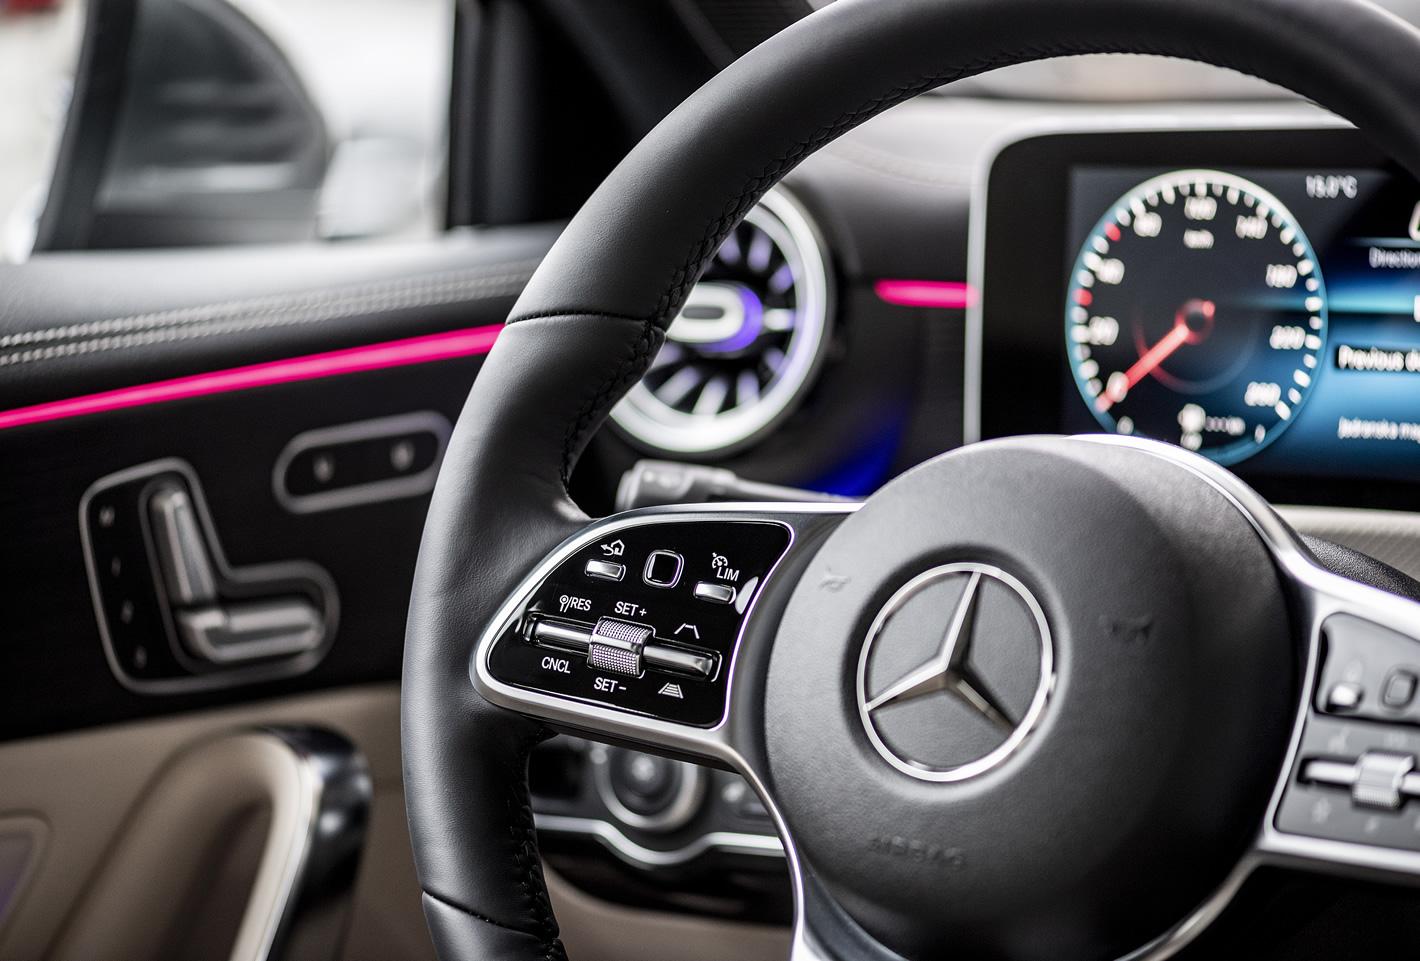 Mercedes-Benz Klasy A 200 - podświetlenie wnętrza